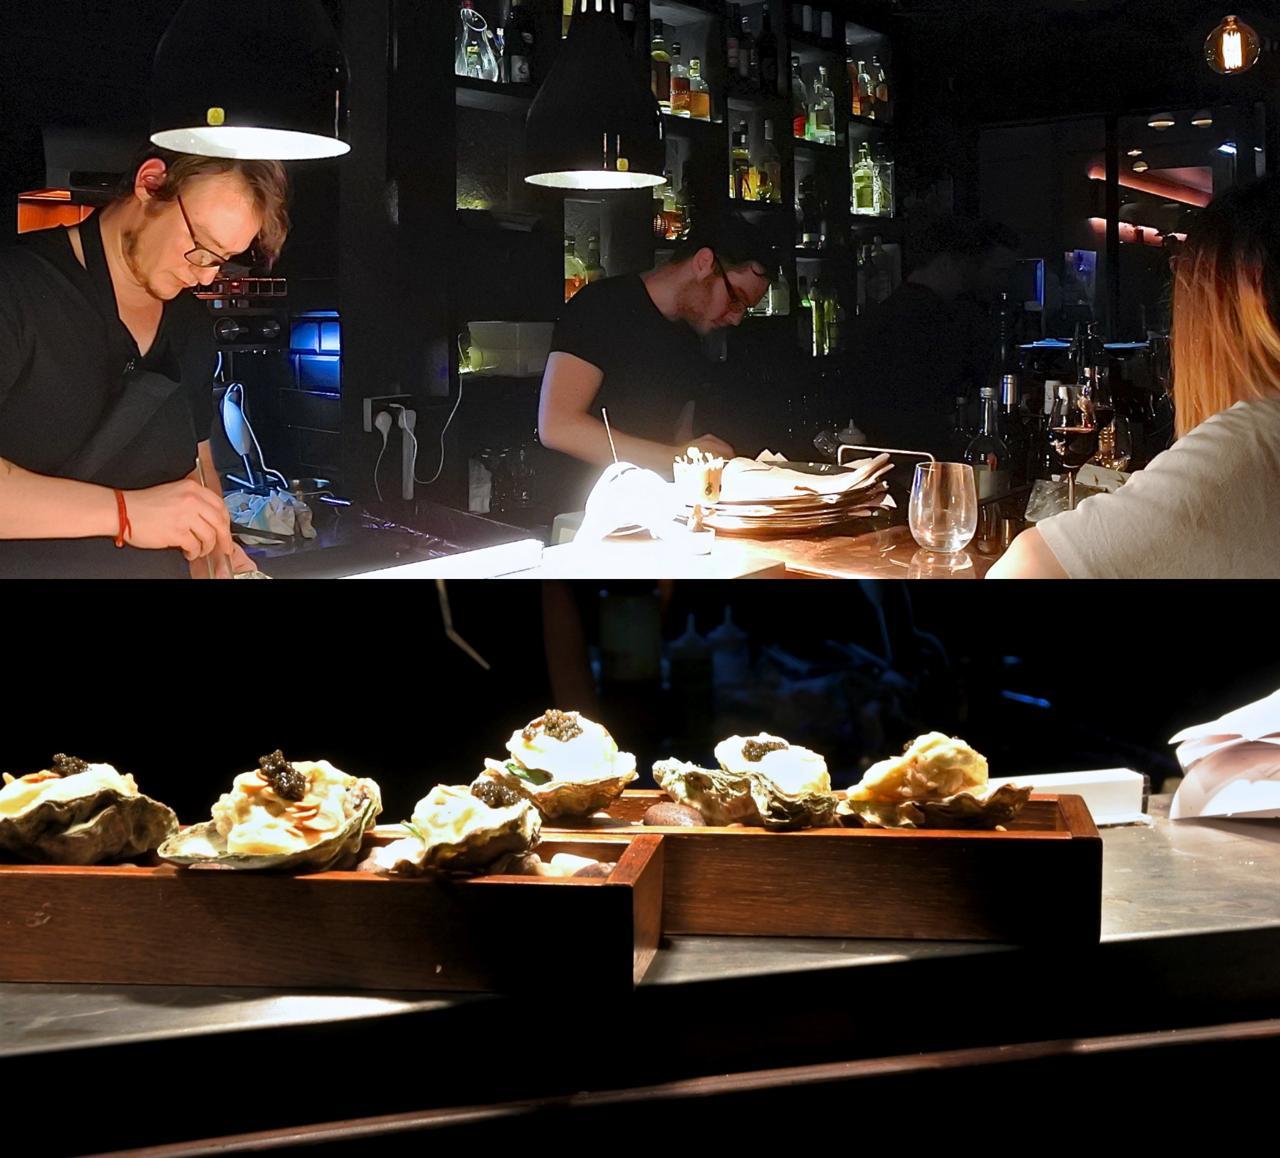 オープン・キッチンでは忙しそうにシェフたちが立ち働いている。下の写真は、私たちは食べなかったオイスターのフライ。美味しそうでした ^^